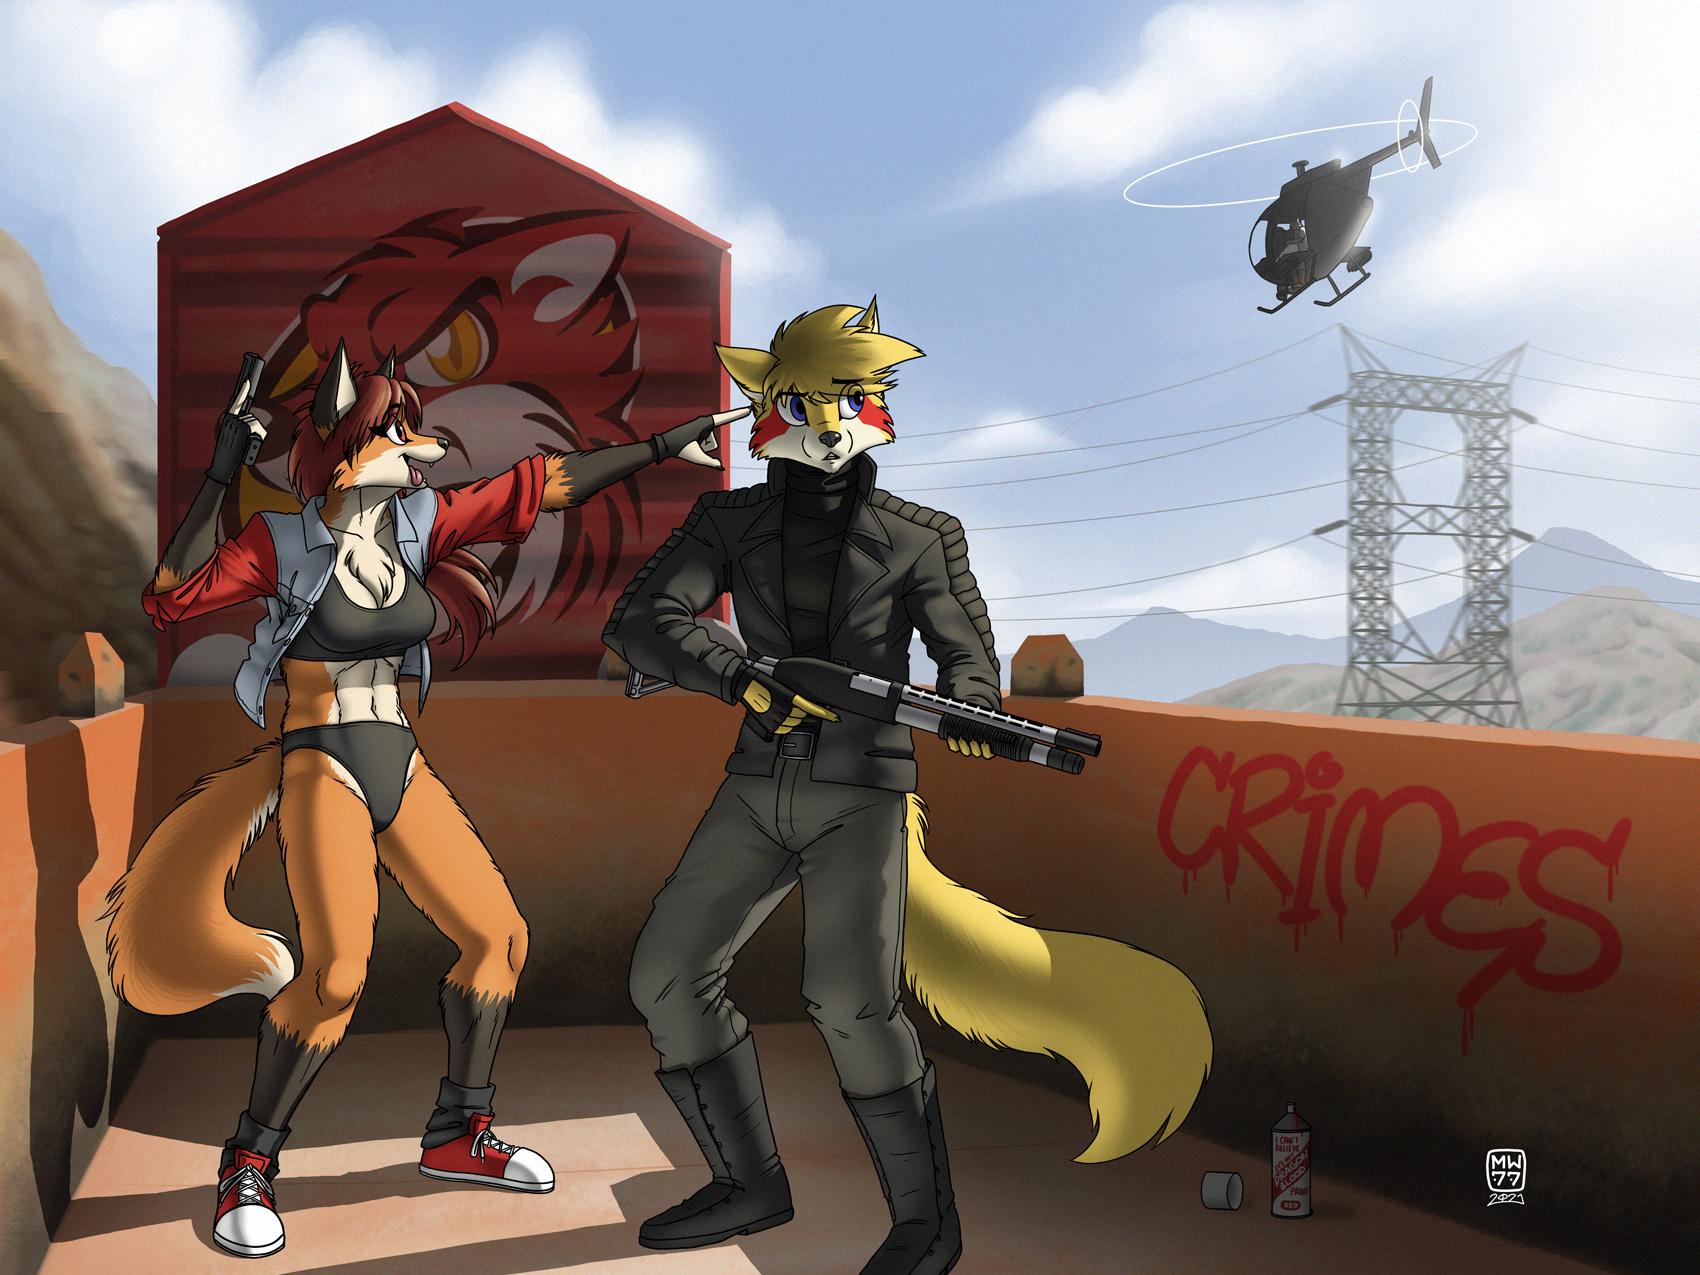 CRIMES!!! [COMM]